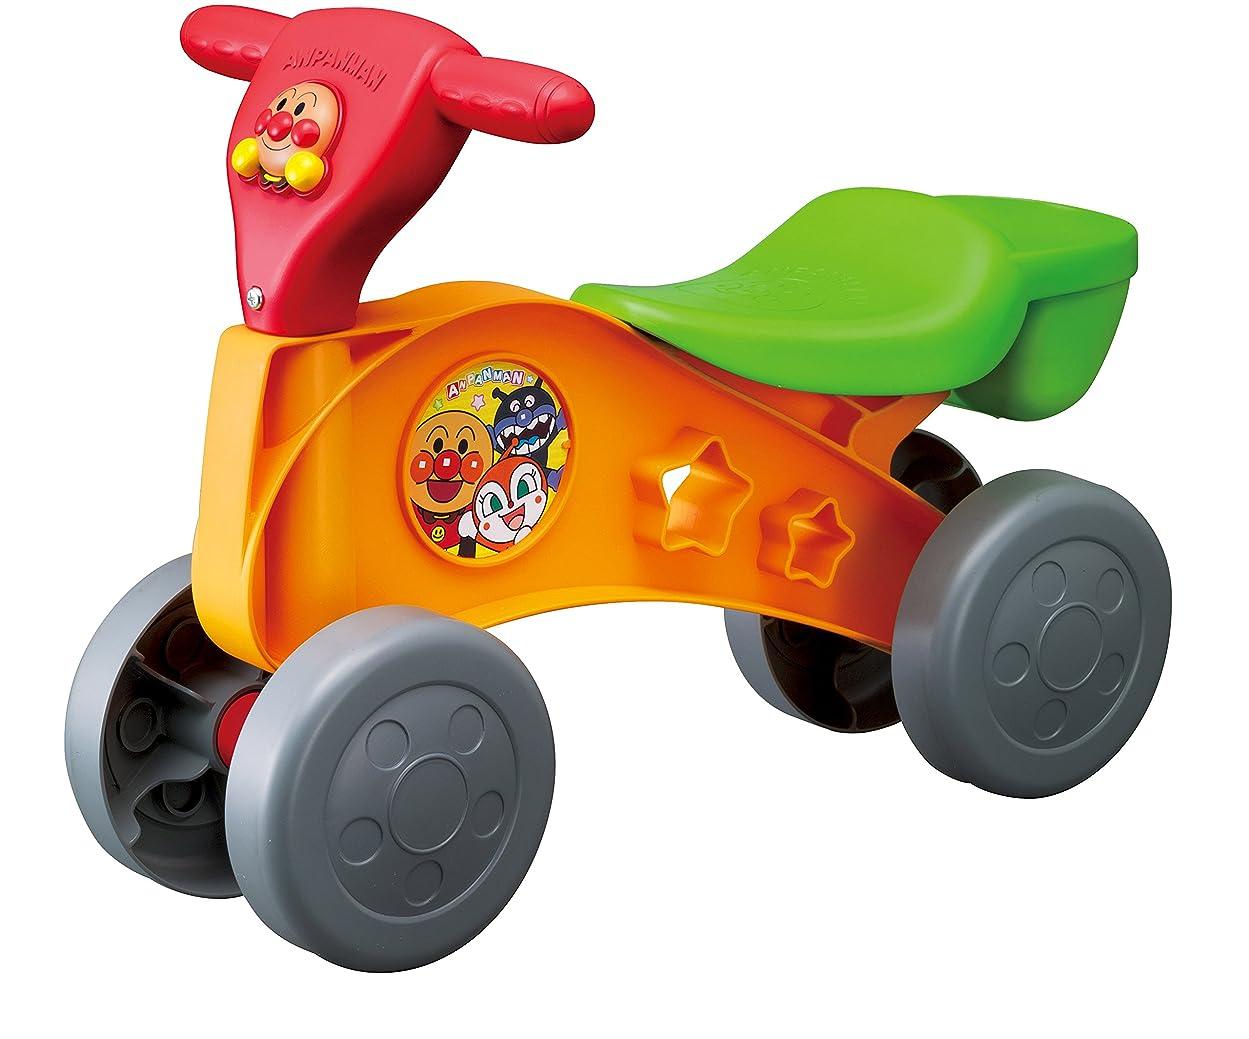 教育する唇イタリアの乗用ラジコンカー 2人乗り BENZ AMG GT-R ライセンス ペダルとプロポで操作可能な電動乗用玩具 子供が乗れるラジコンカー 本州 [HL289] (ブラック)